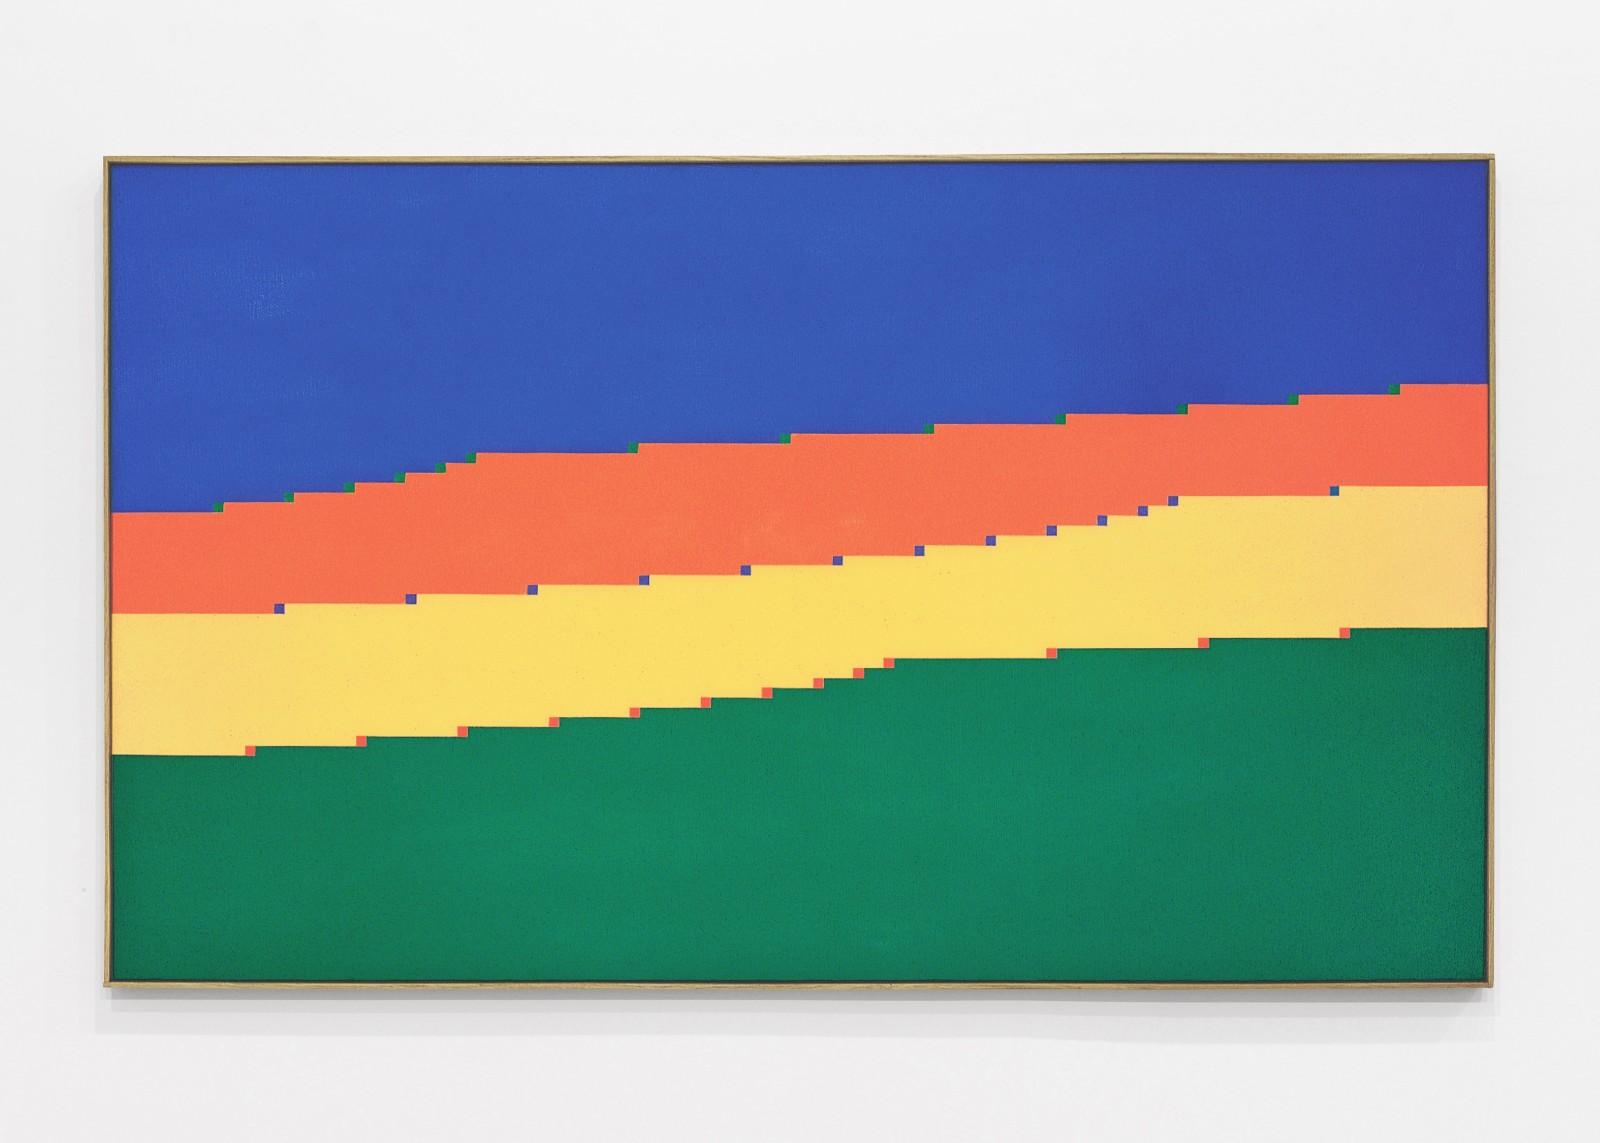 VERENA LOEWENSBERG, Untitled, 1973